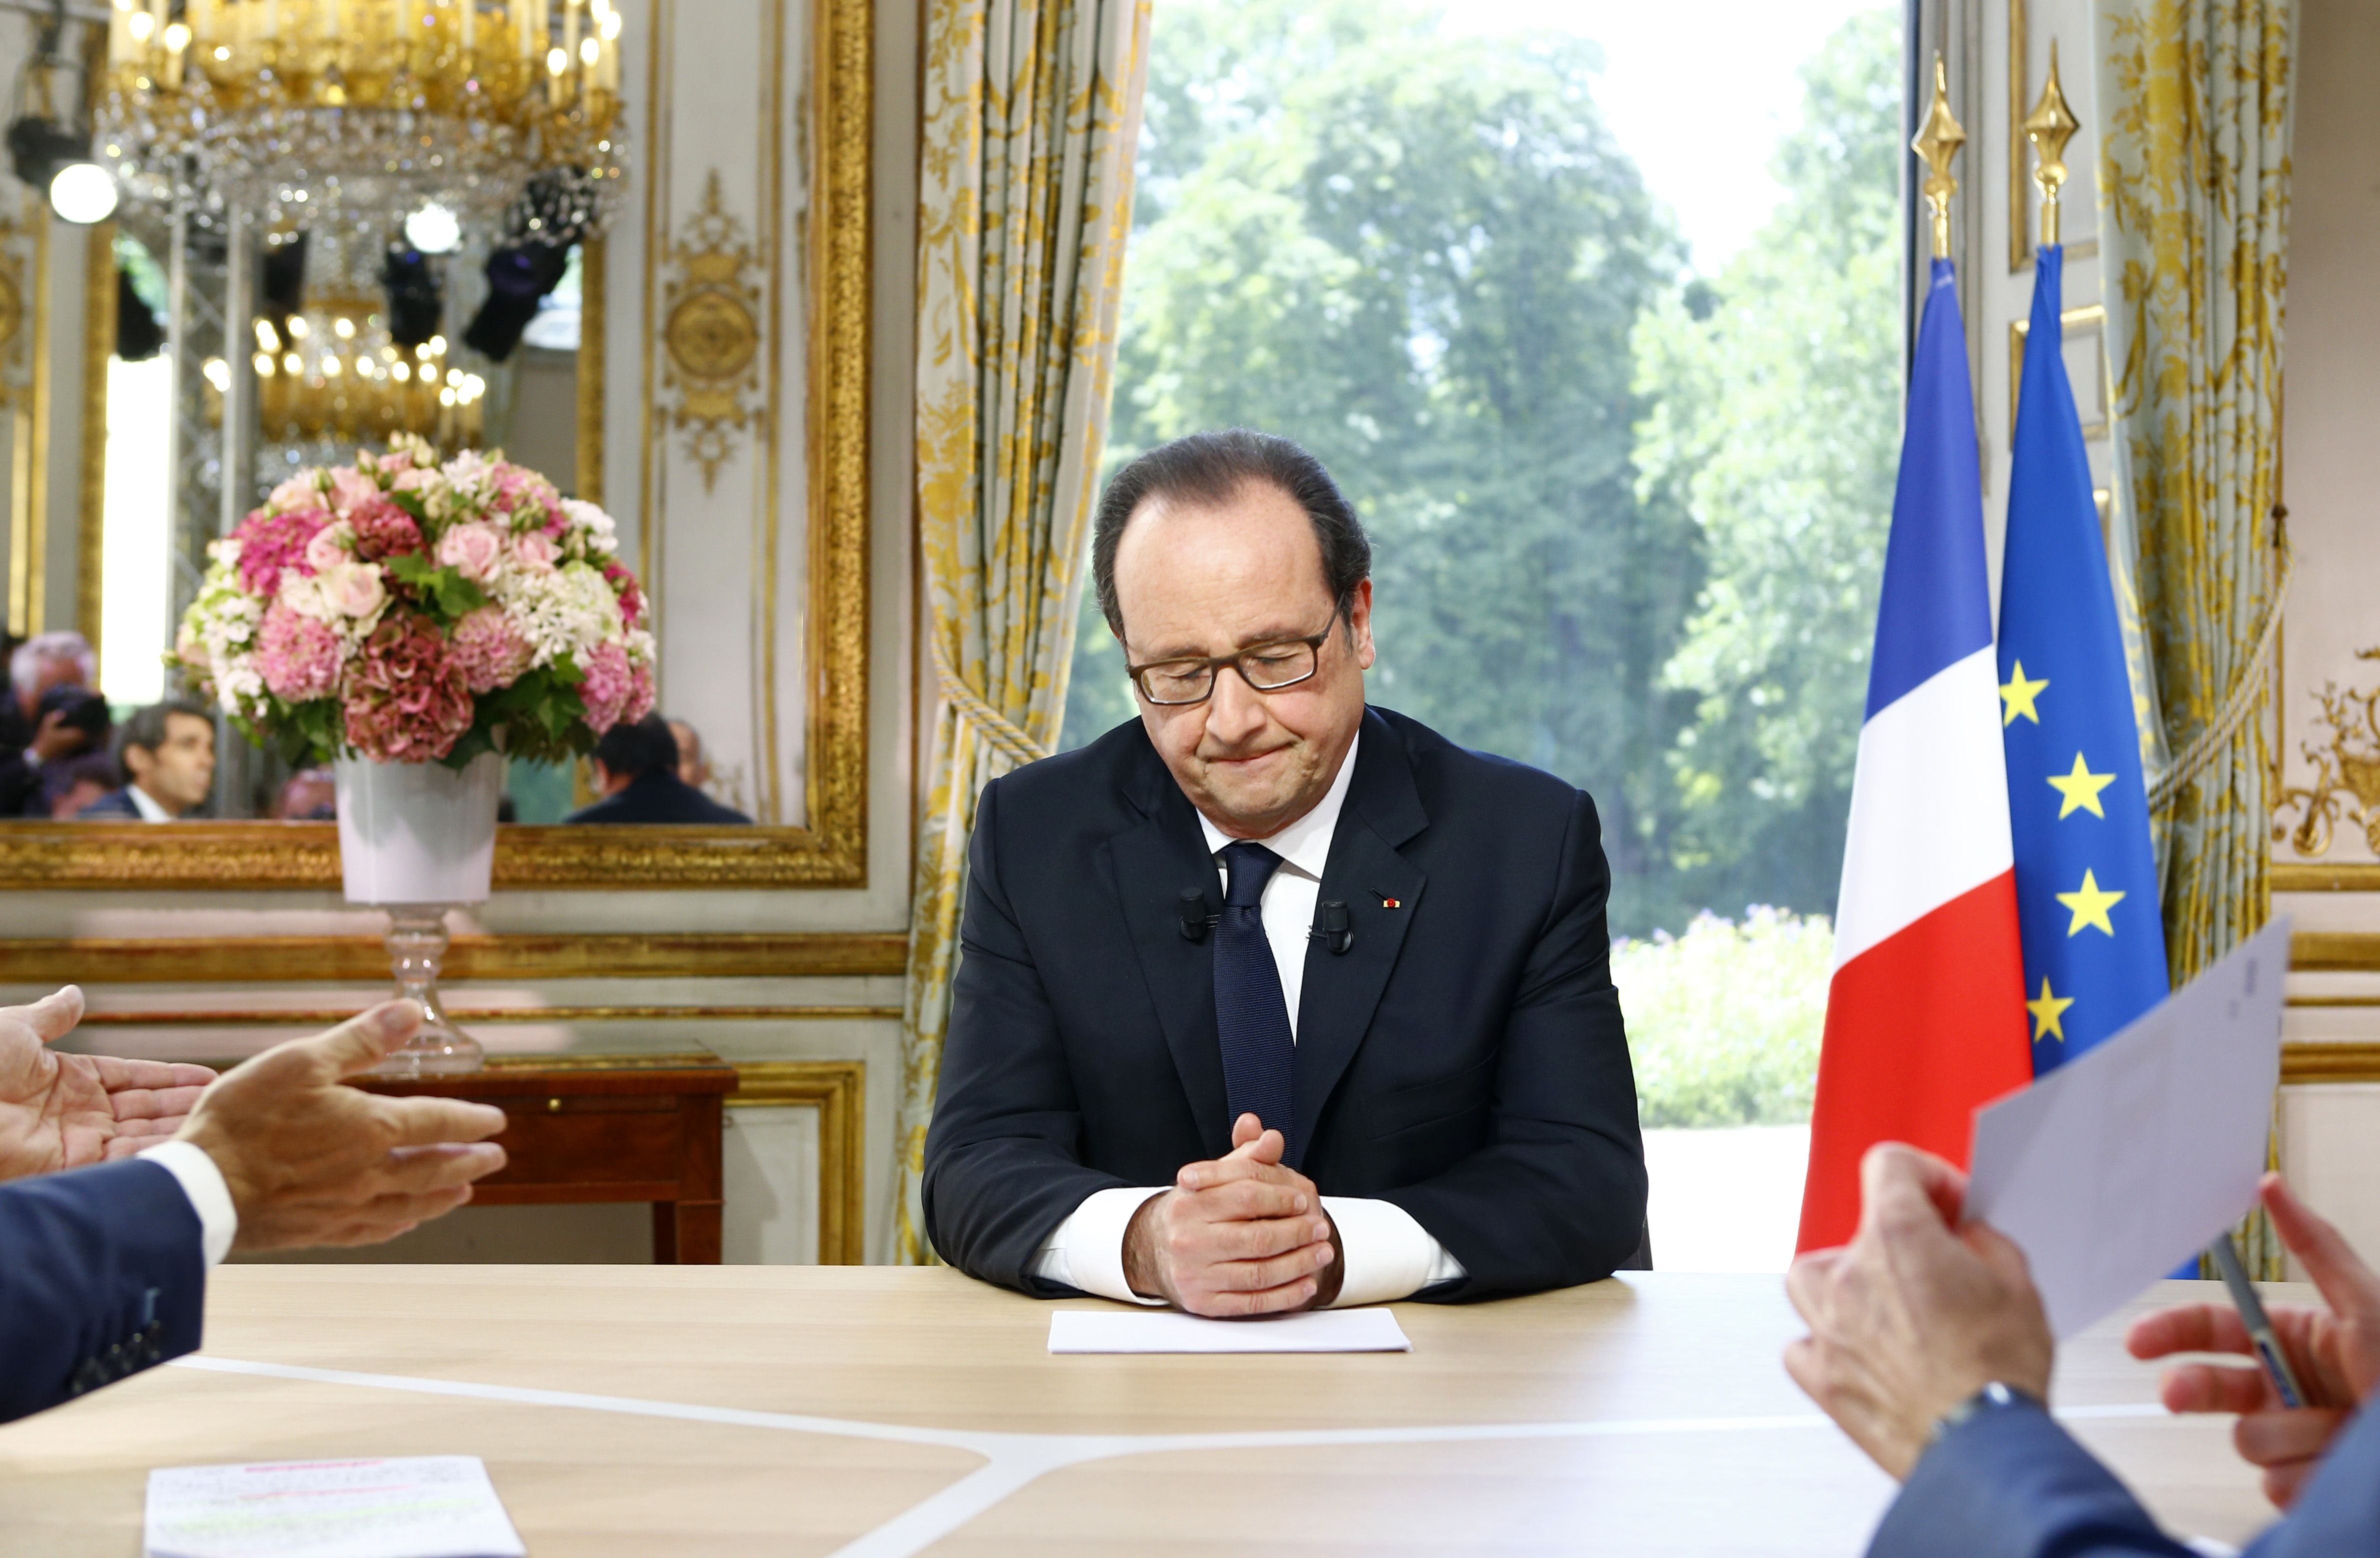 Tras el atentado en Niza, Hollande volvió a París